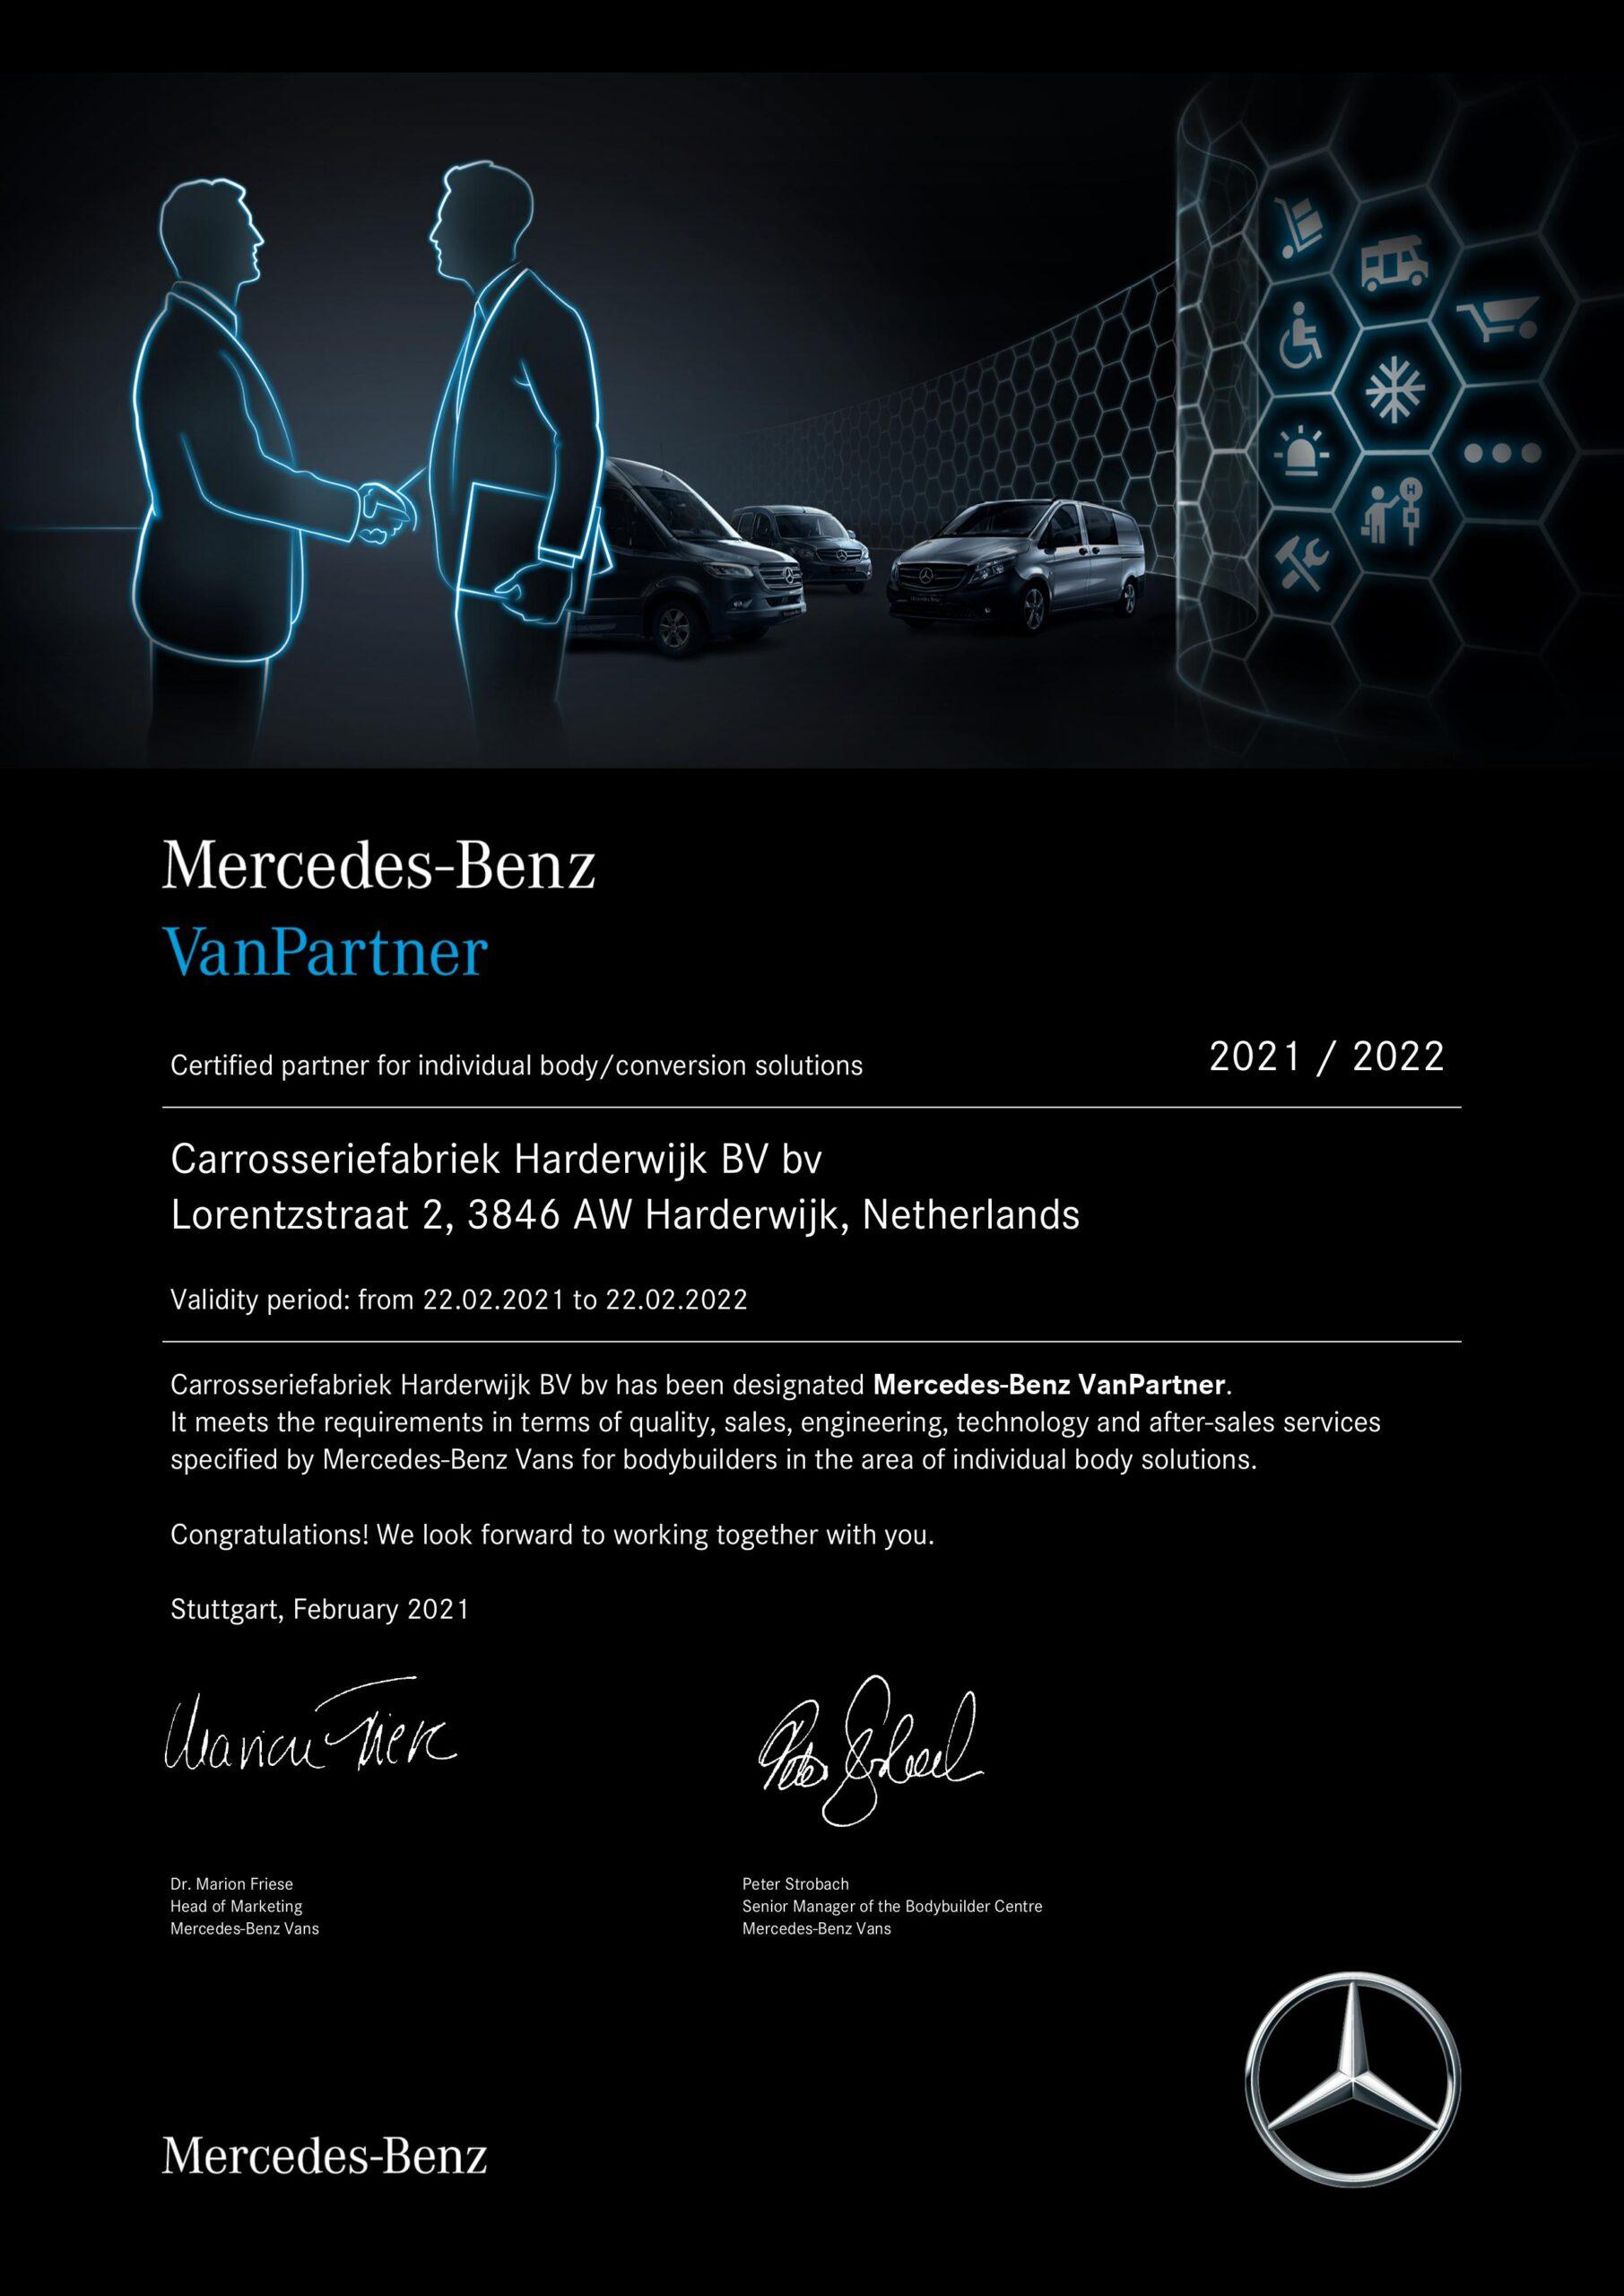 Mercedes Van Partner